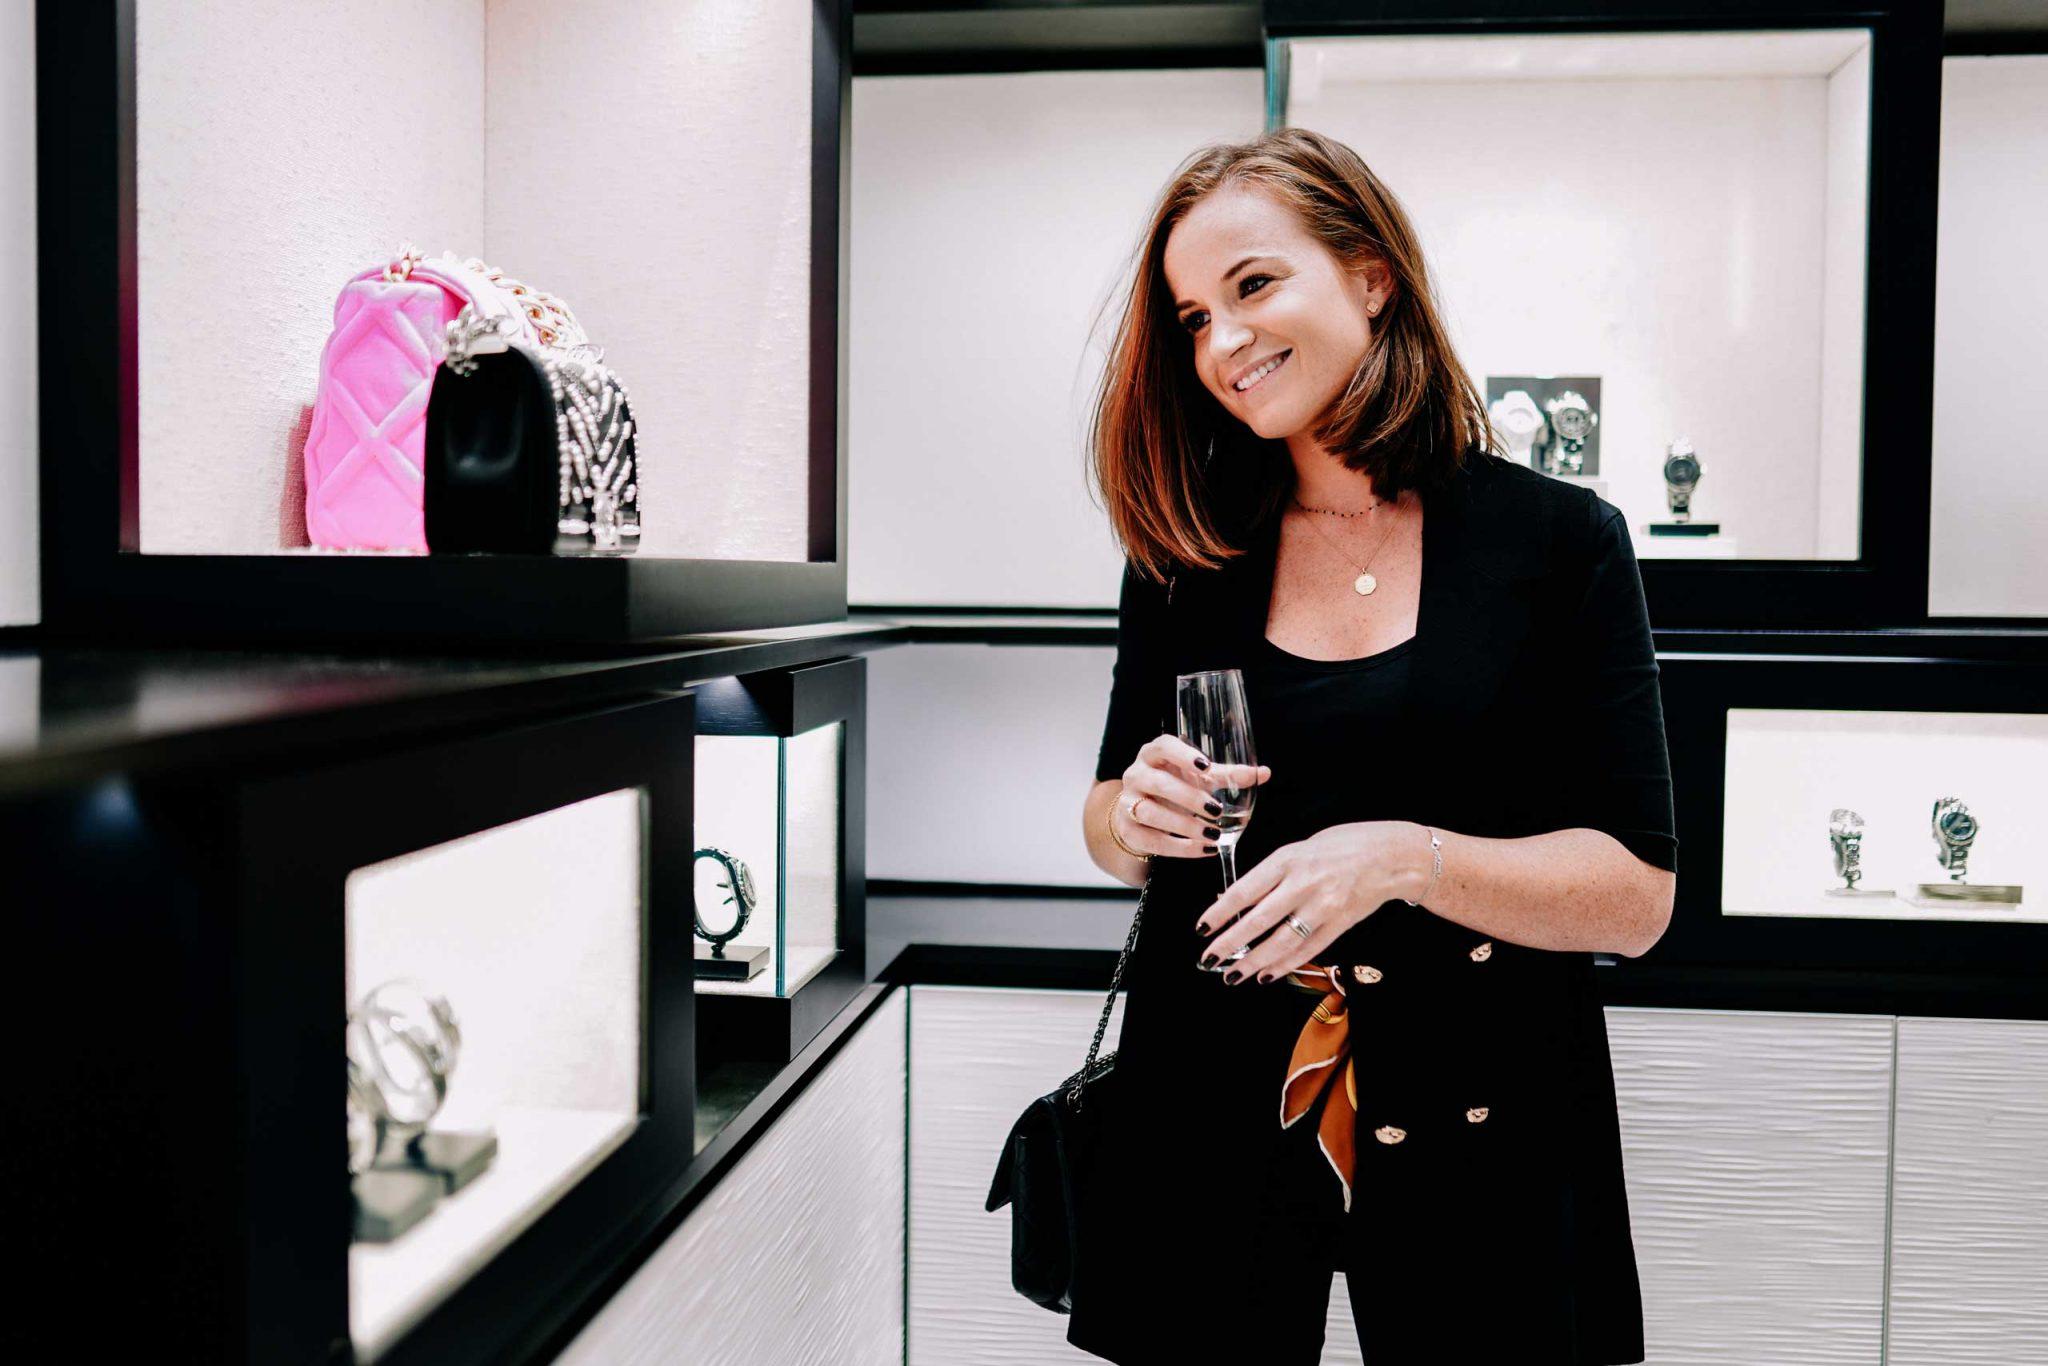 Chanel_Boutique_Cocktail_event_Ilsoo_van_Dijk_07122019-01023